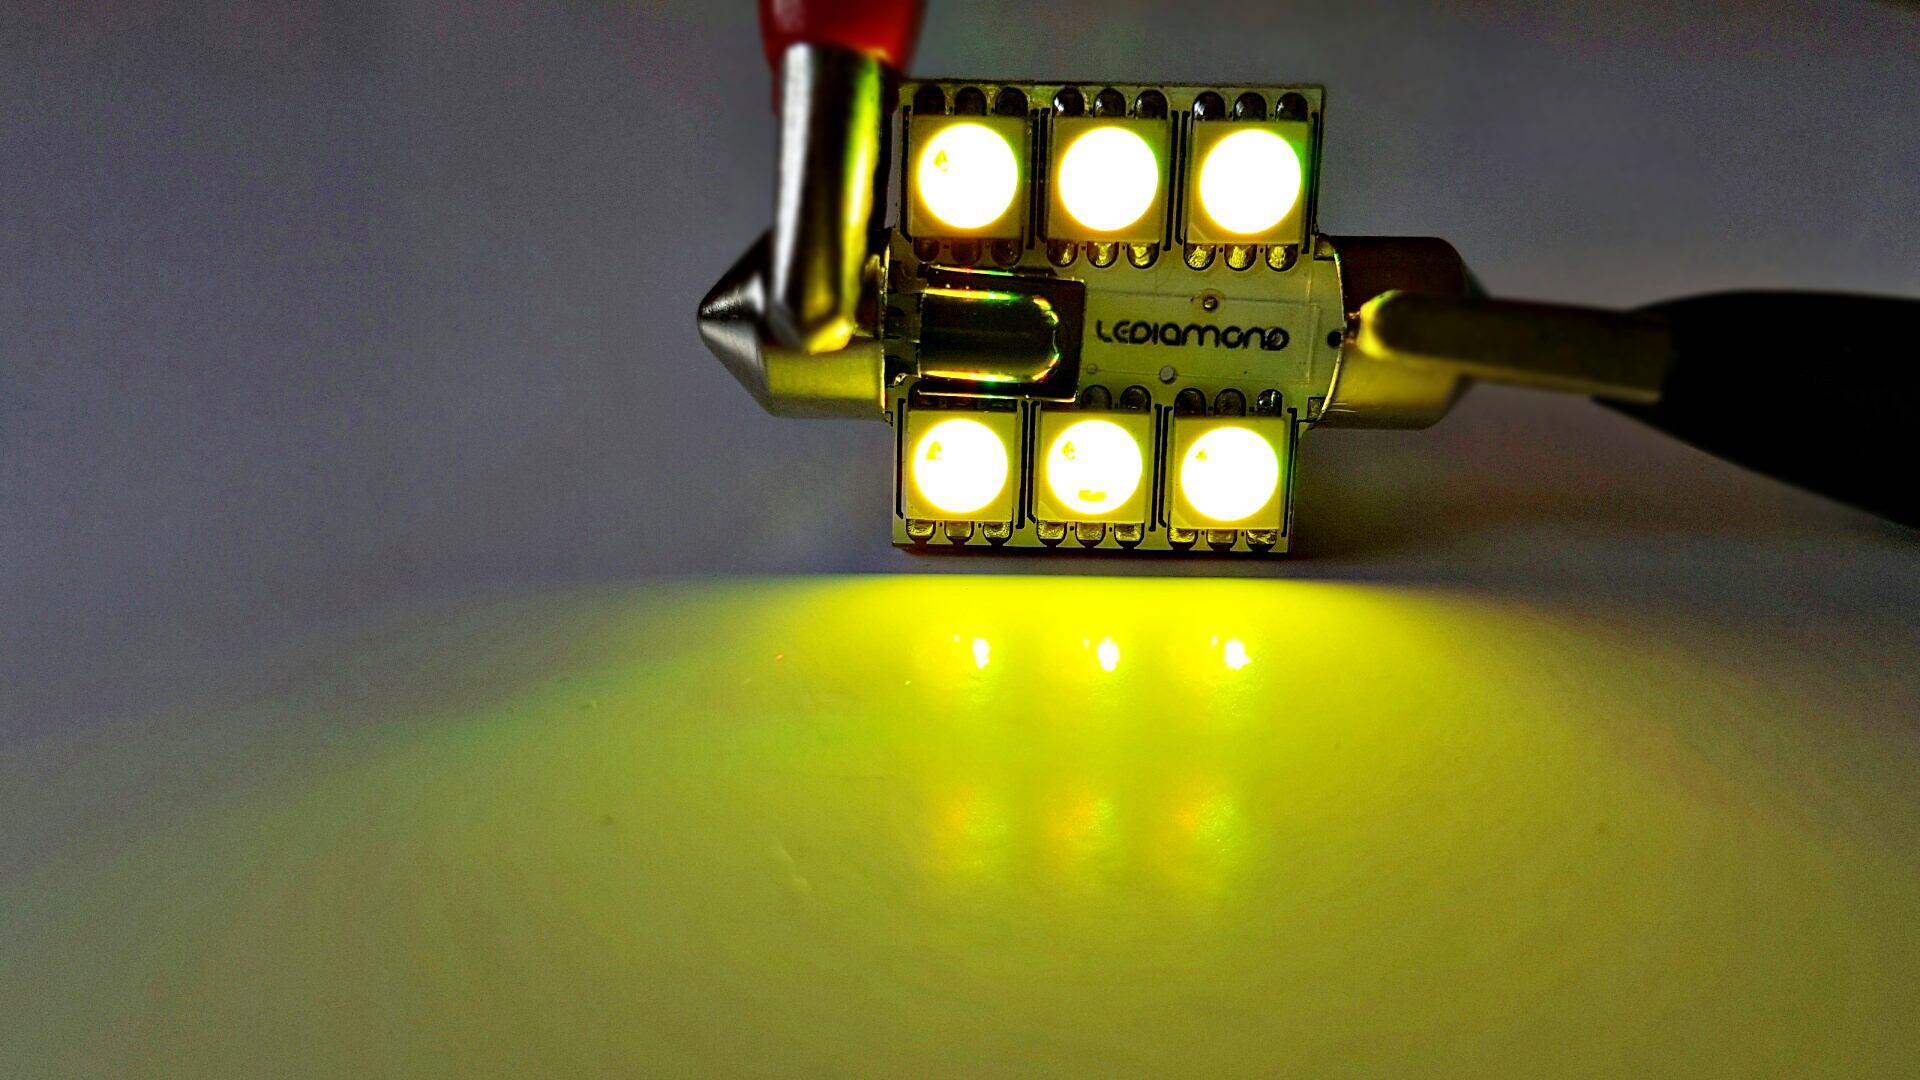 LEDIAMOND RGB CONECTOR FESTOON 36mm 6 LED LUZ 3